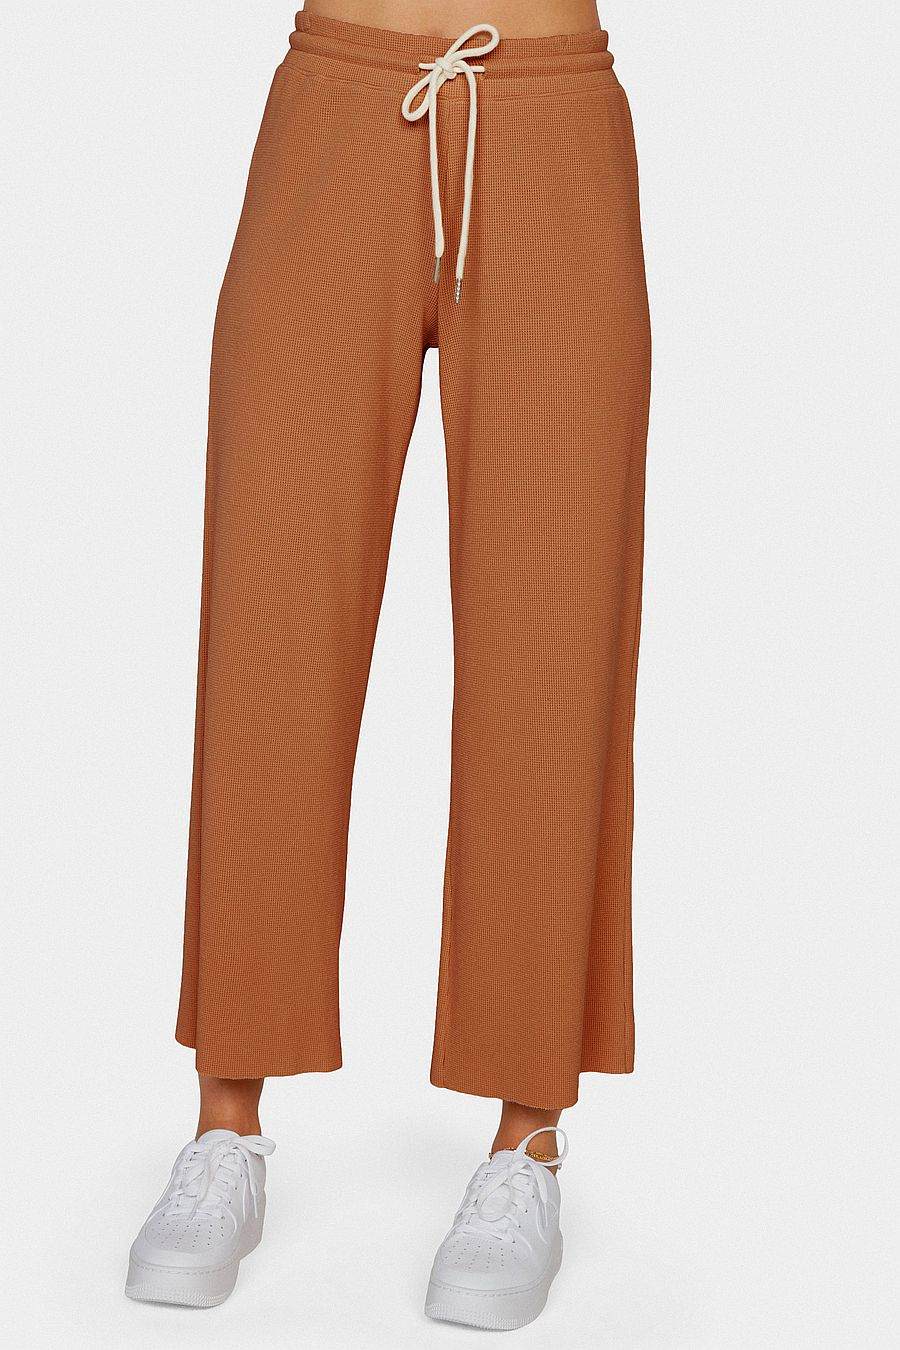 MATE The Label Organic Thermal Wide Leg Pant - SEDONA